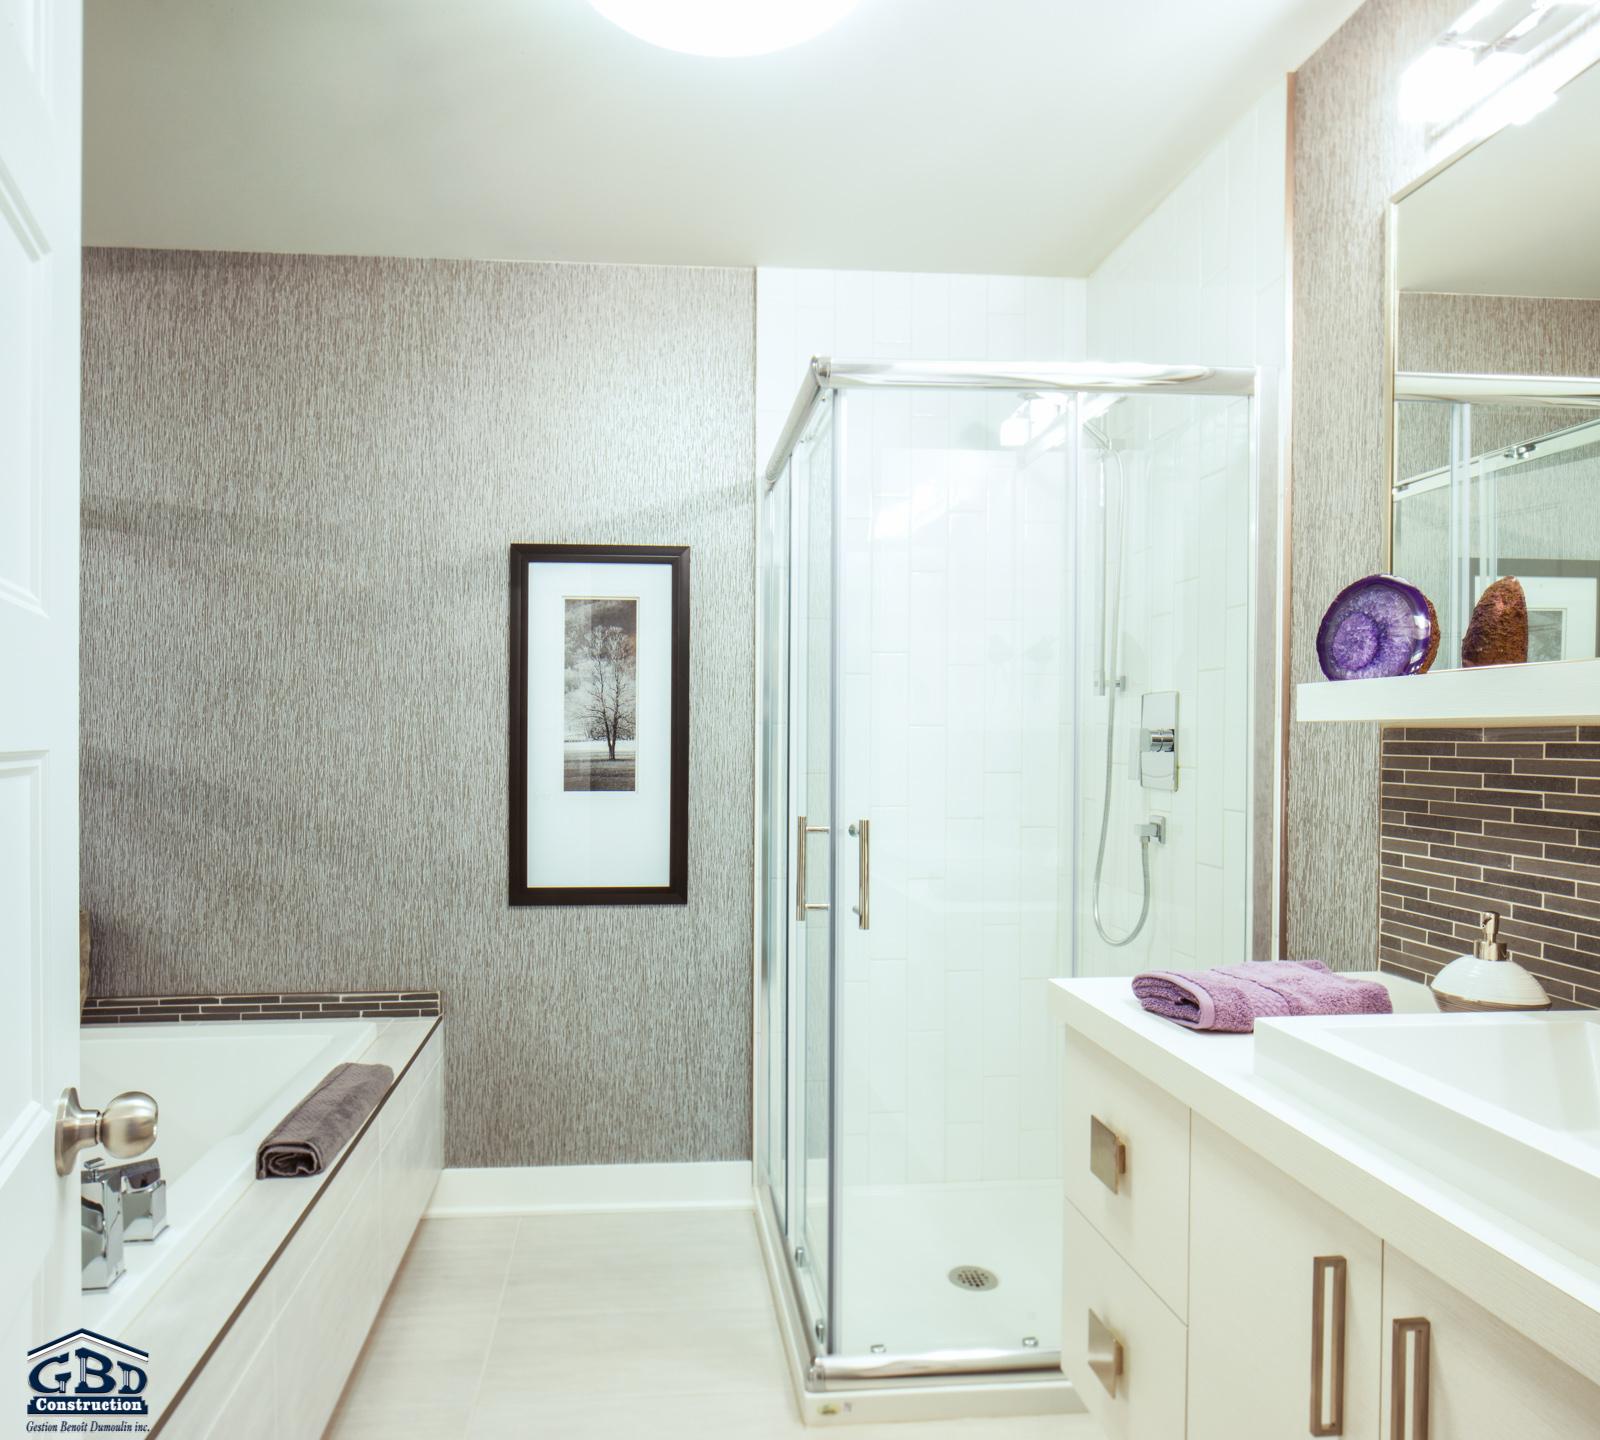 Condominiums quatuo projet domiciliaire saint eustache for Salle de bain 25 st eustache